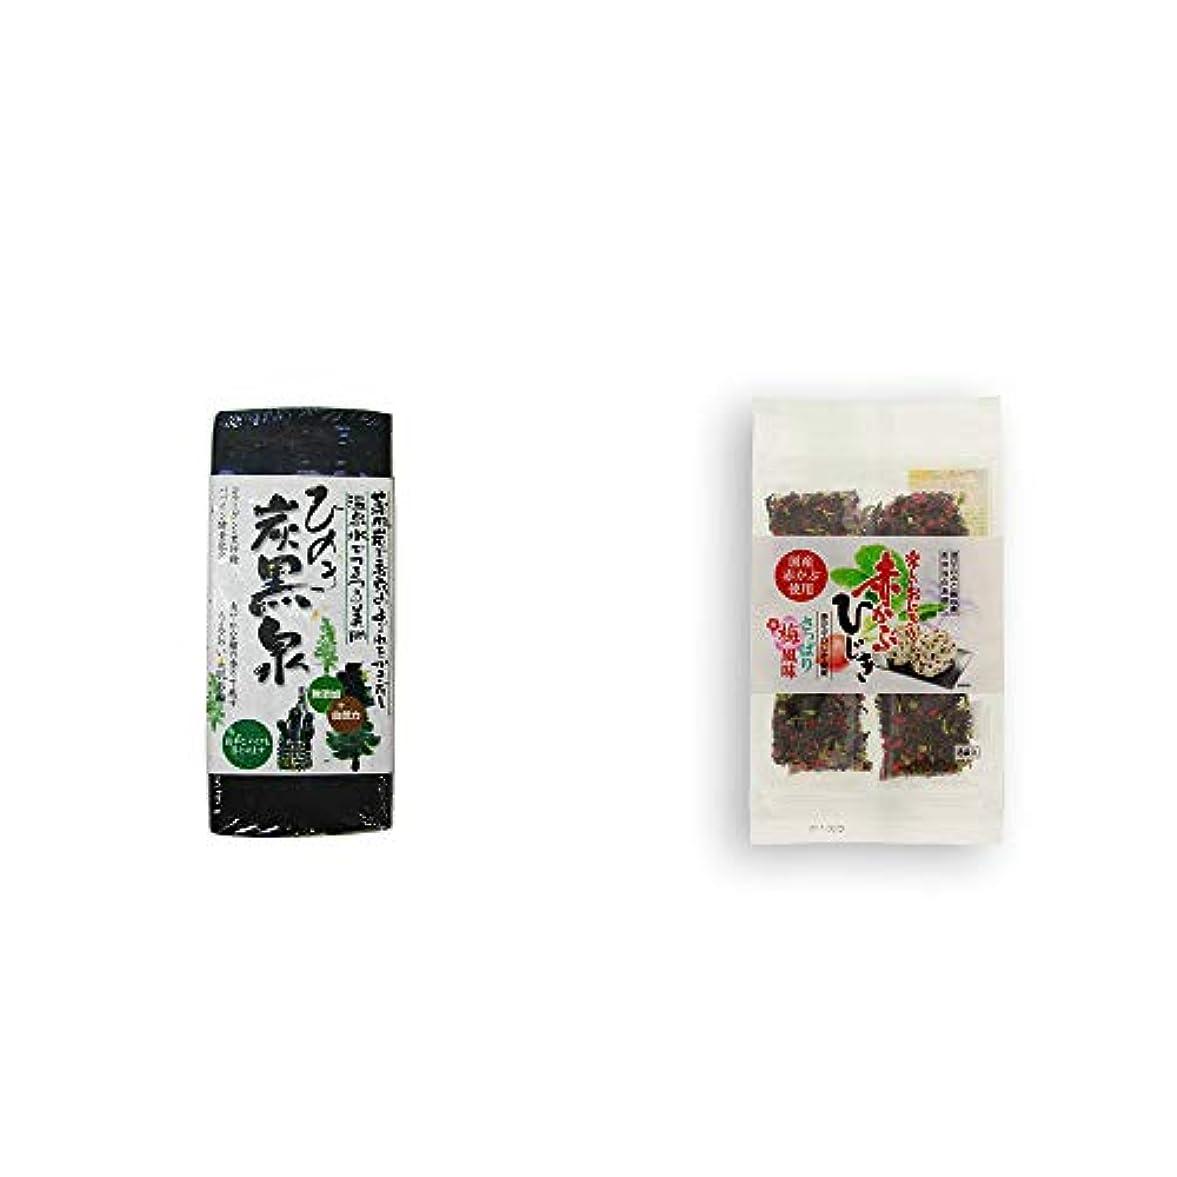 テザー可動式スリル[2点セット] ひのき炭黒泉(75g×2)?楽しいおにぎり 赤かぶひじき(8g×8袋)